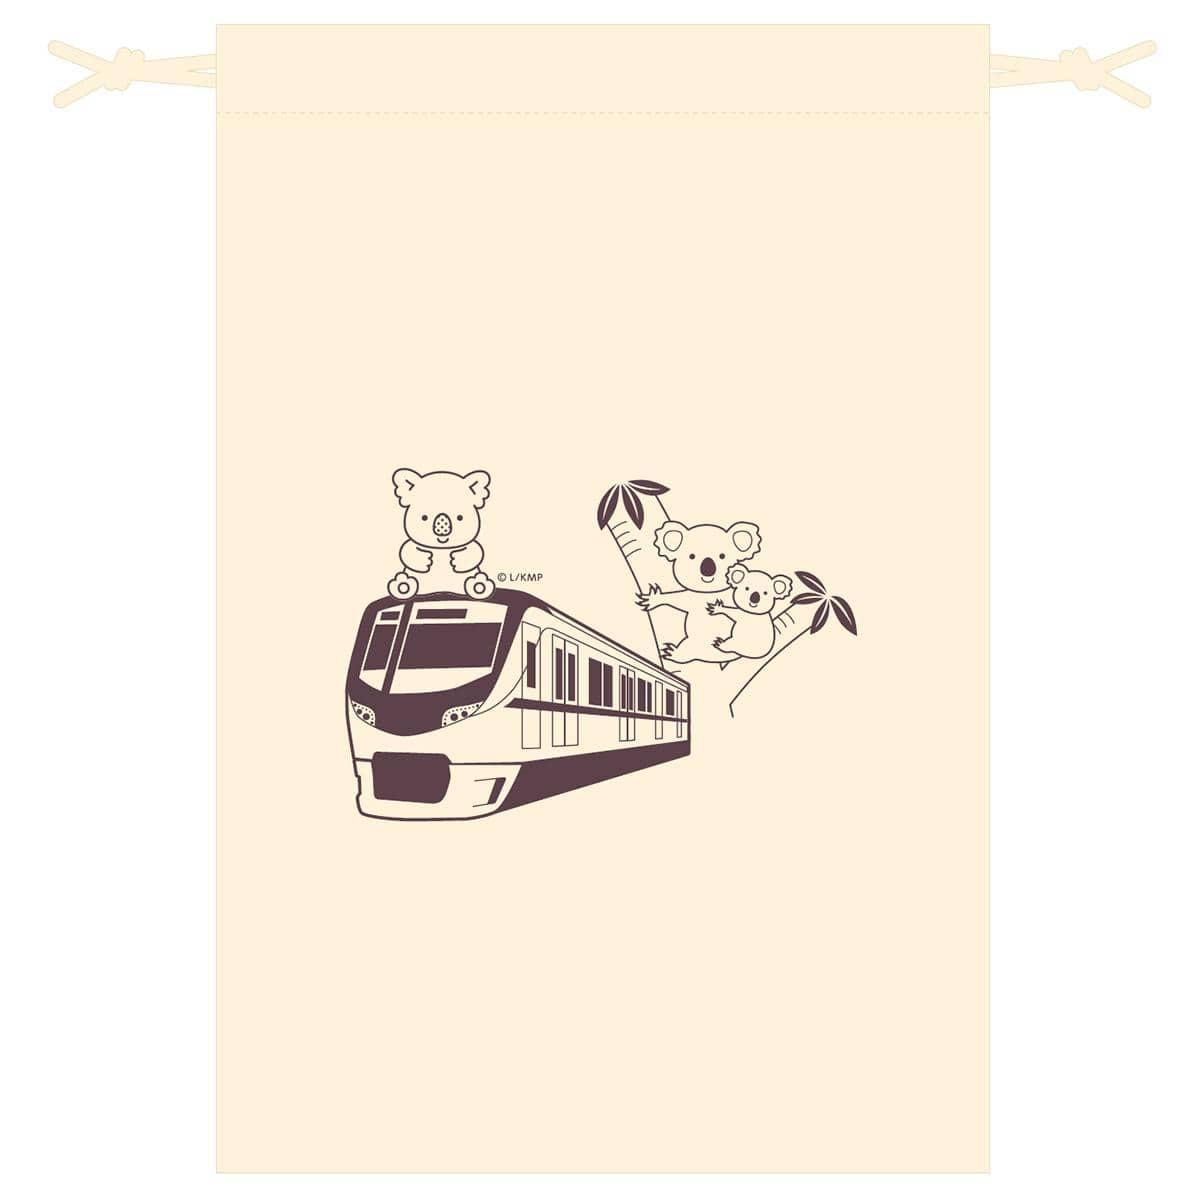 コアラと京王電鉄の車両が描かれた巾着のイメージ